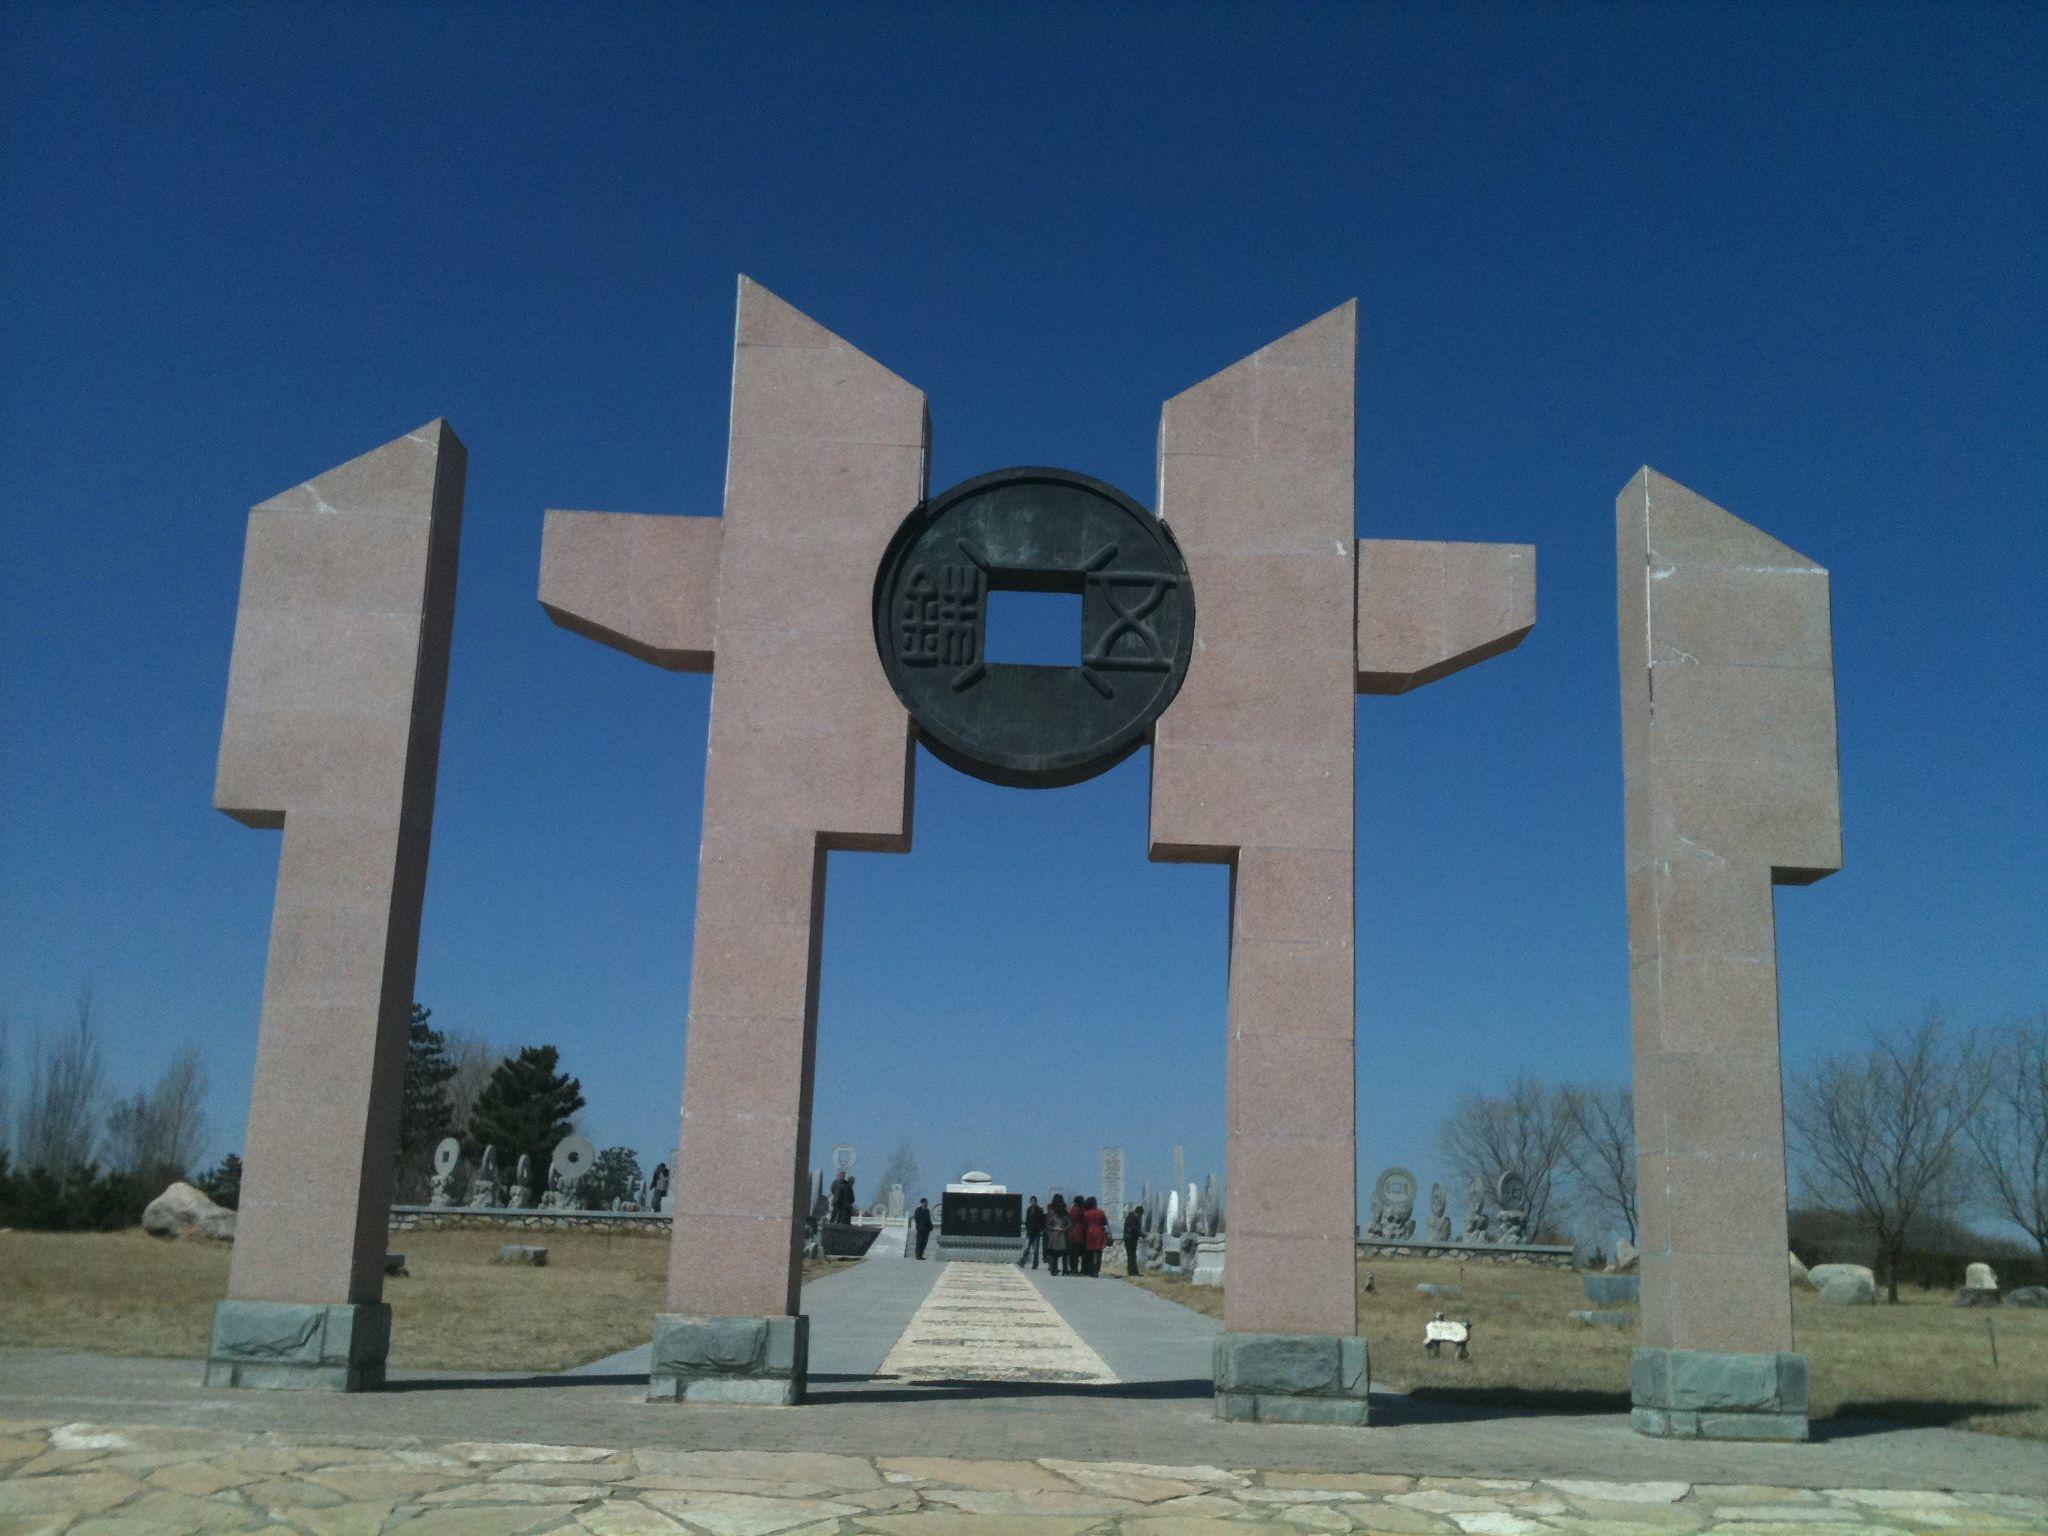 内蒙古和林格尔经济开发区